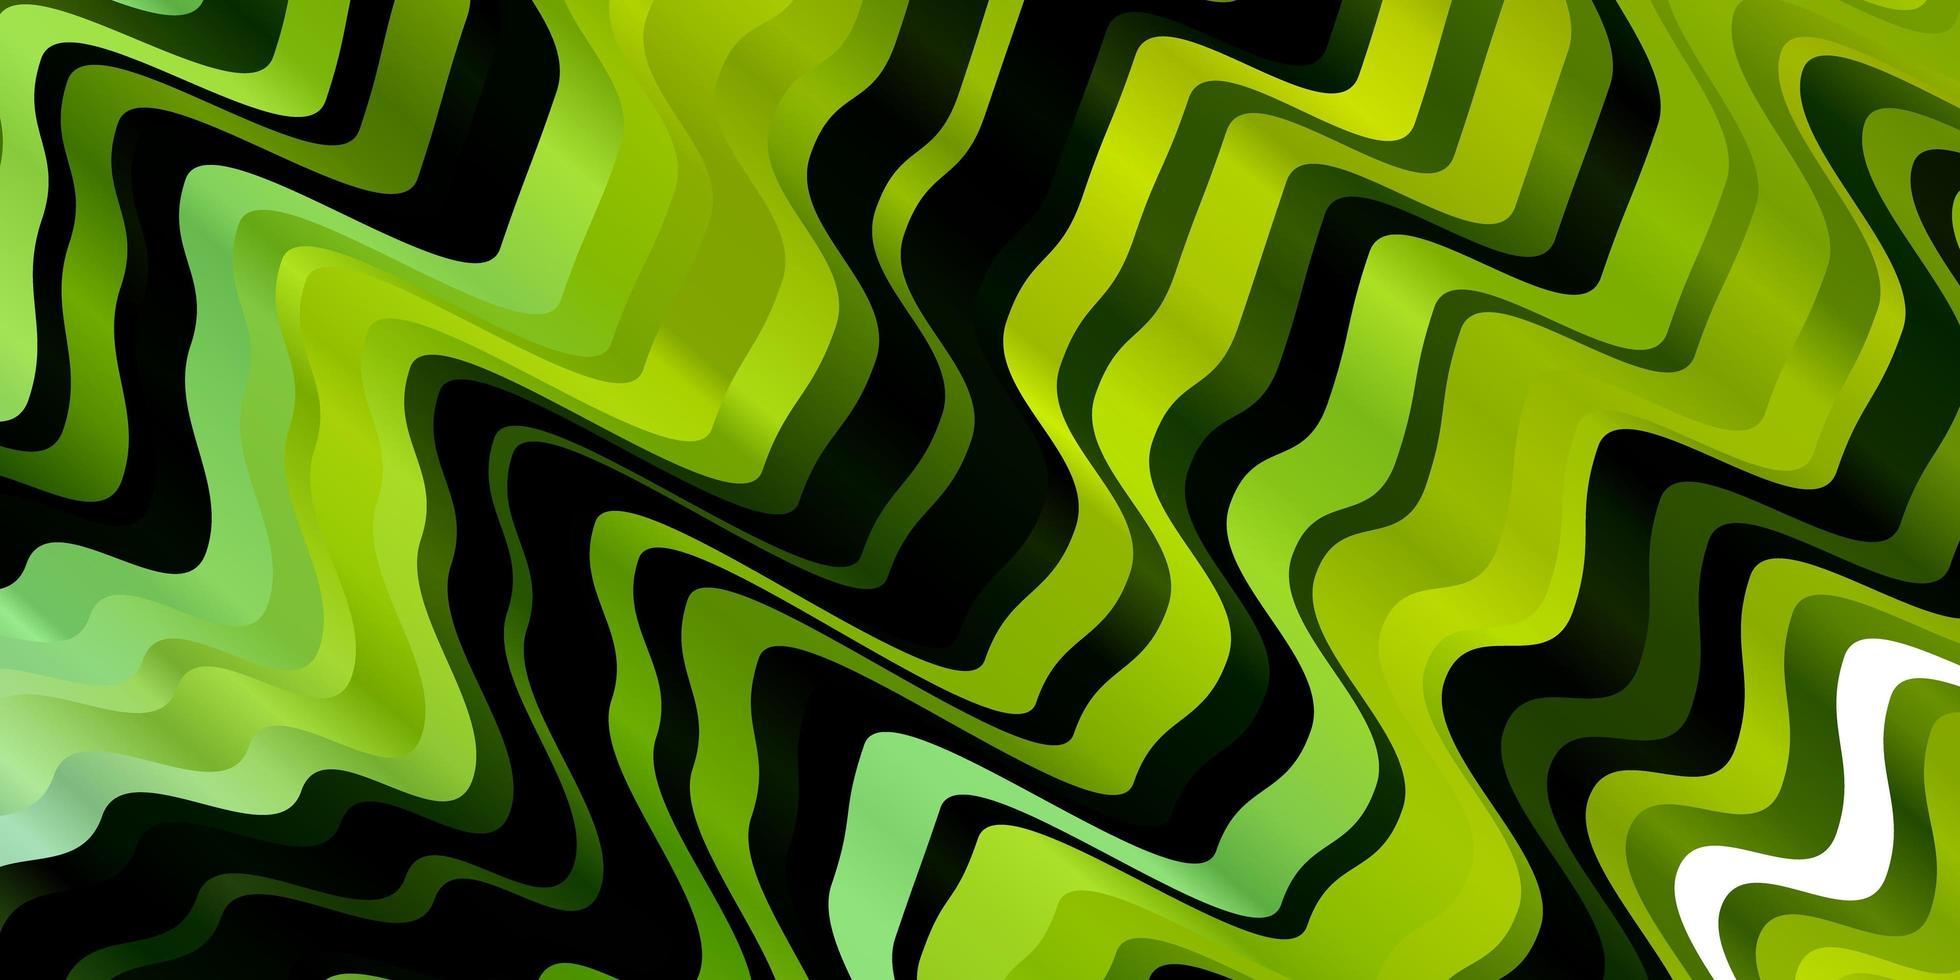 lichtgroene, gele vectortextuur met wrange lijnen. vector